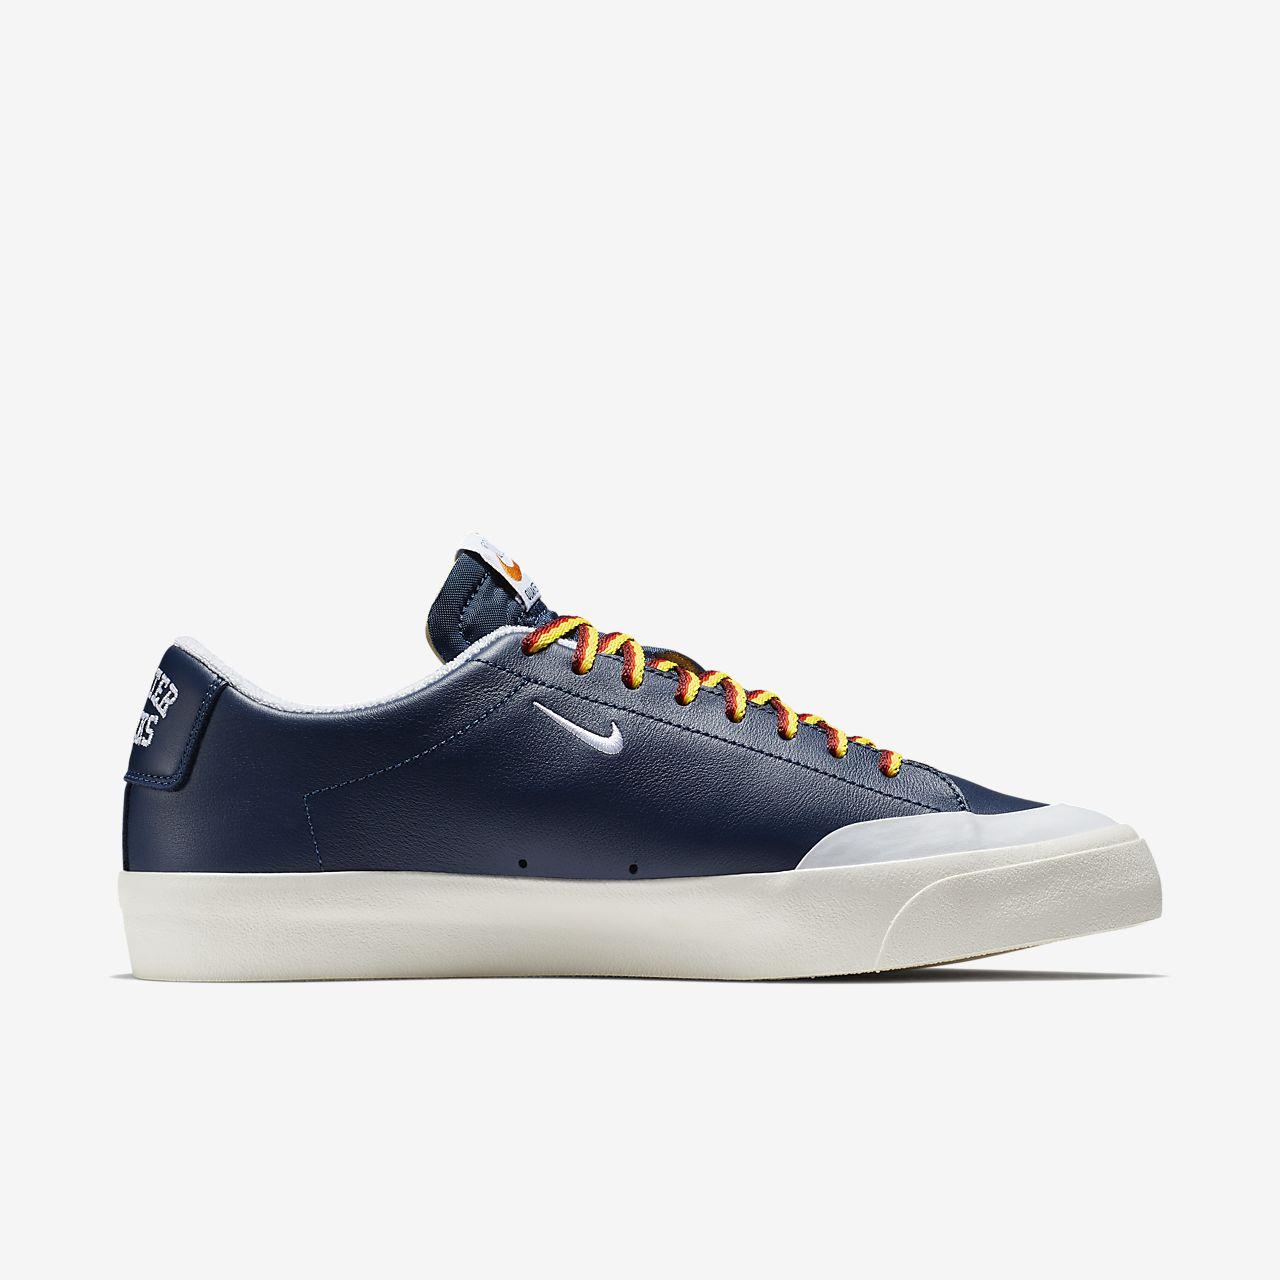 ... Chaussure de skateboard Nike SB Zoom Blazer Low XT QS pour Homme